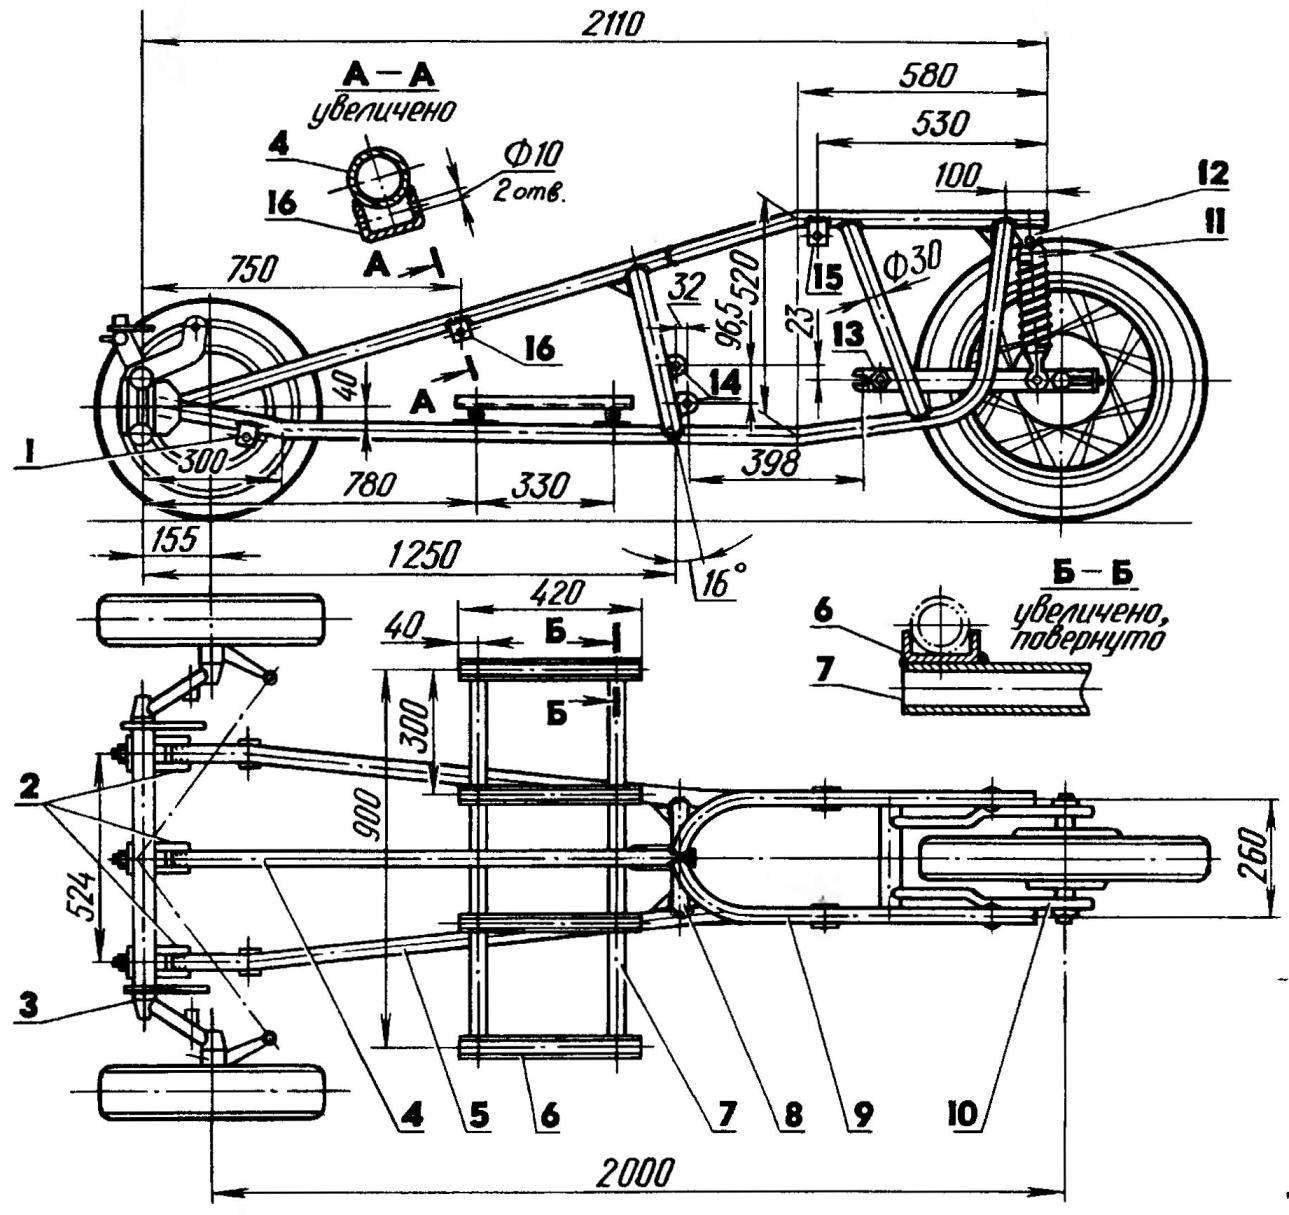 Шасси трицикла (на виде сверху амортизаторы условно не показаны)